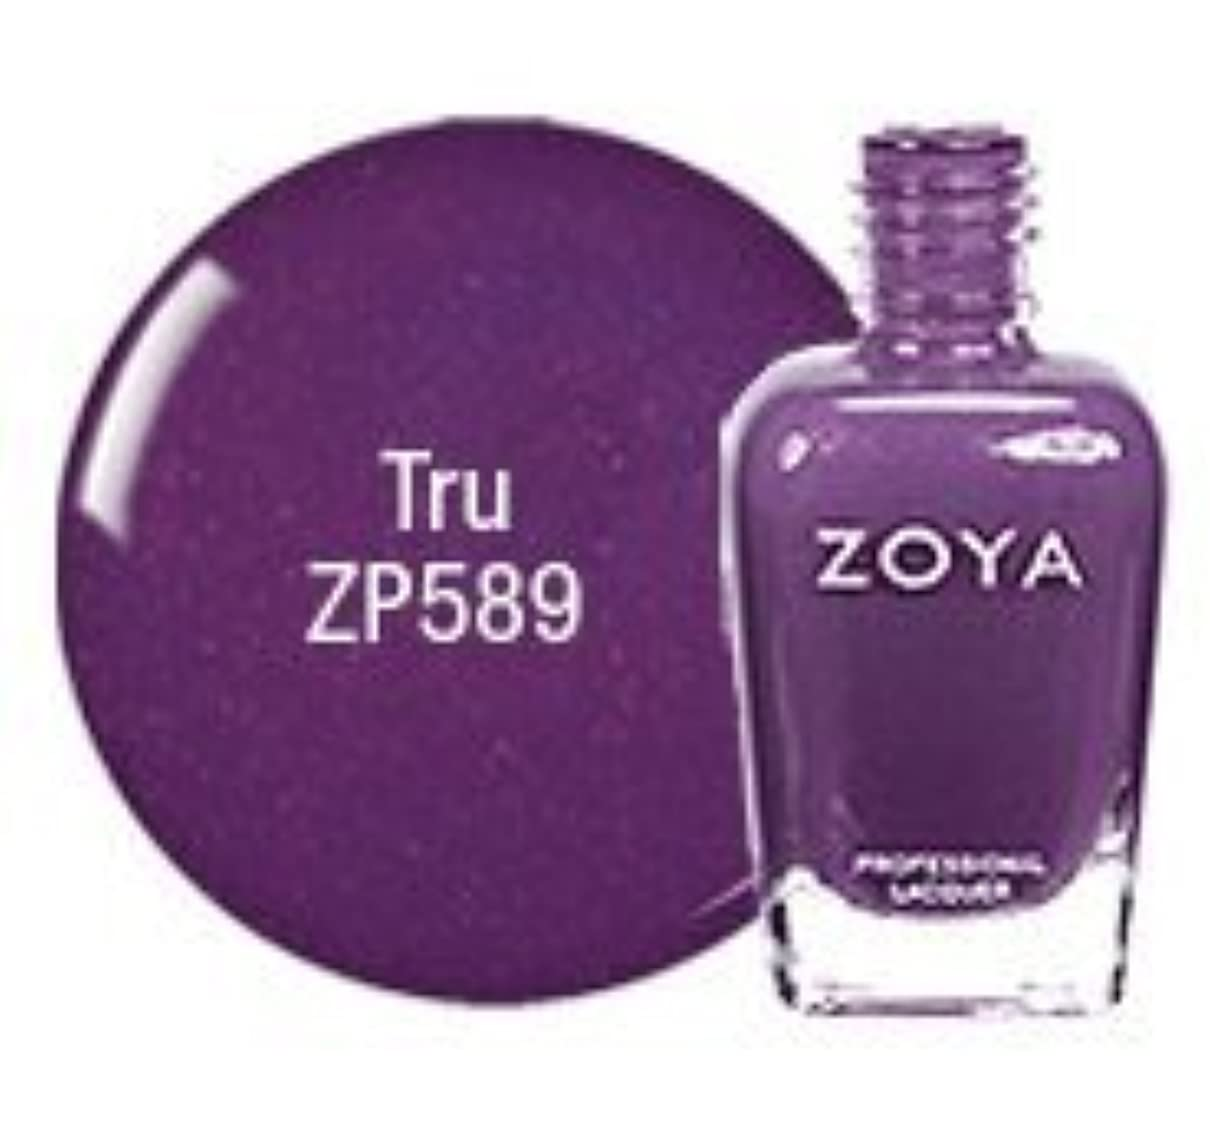 帰るわずらわしい効率[Zoya] ZP589 ツルー [True Collection][並行輸入品][海外直送品]